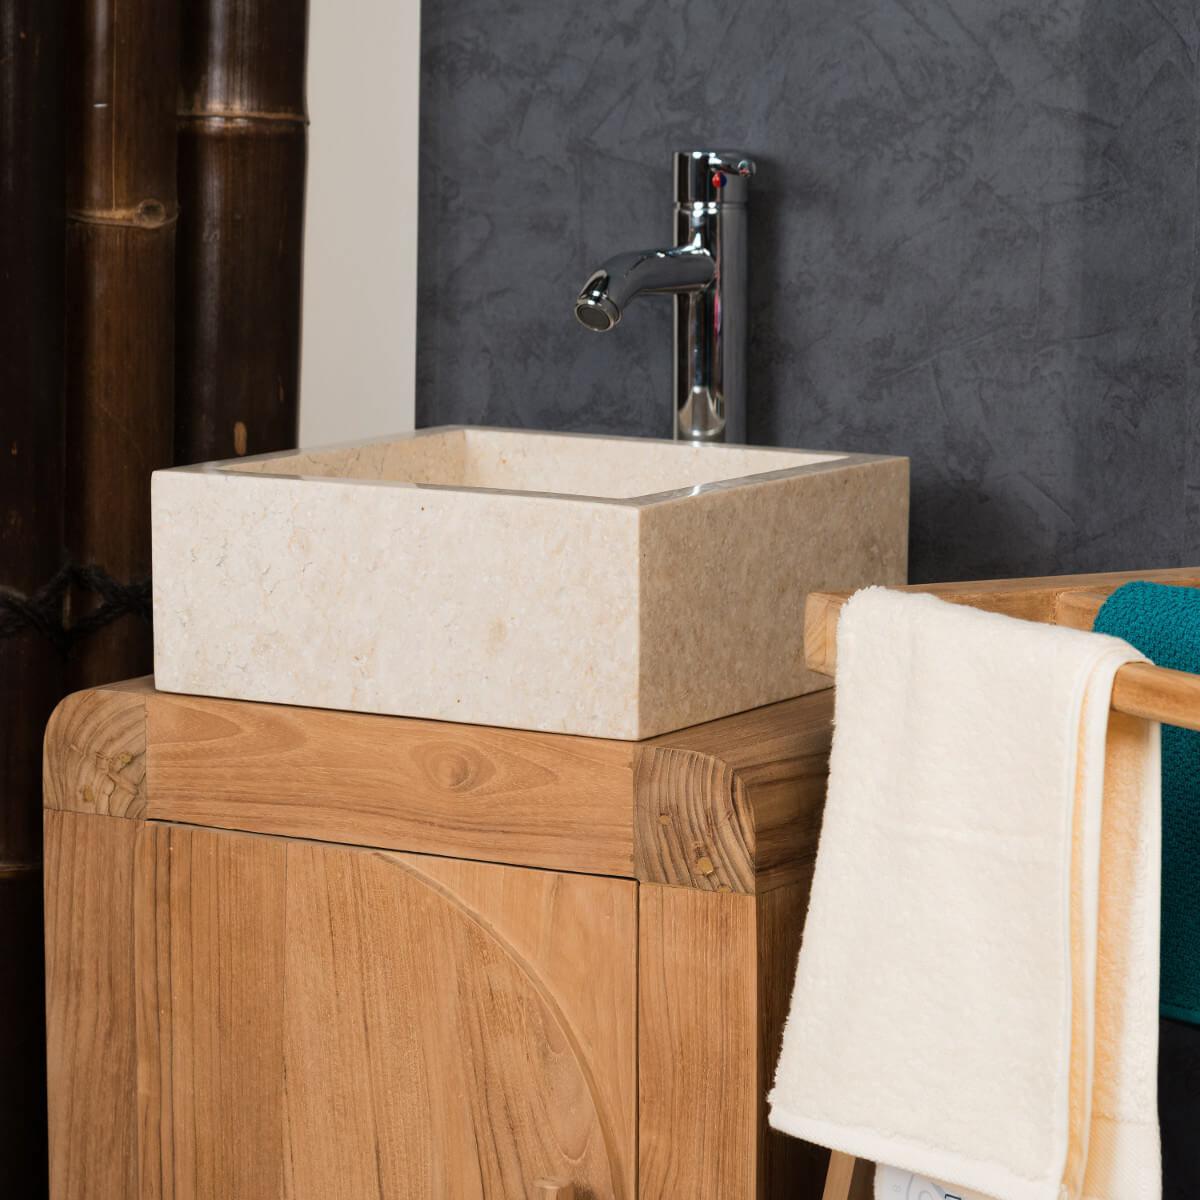 Vasque poser en marbre milan ronde blanche d 30 cm - Vasque 35 cm ...